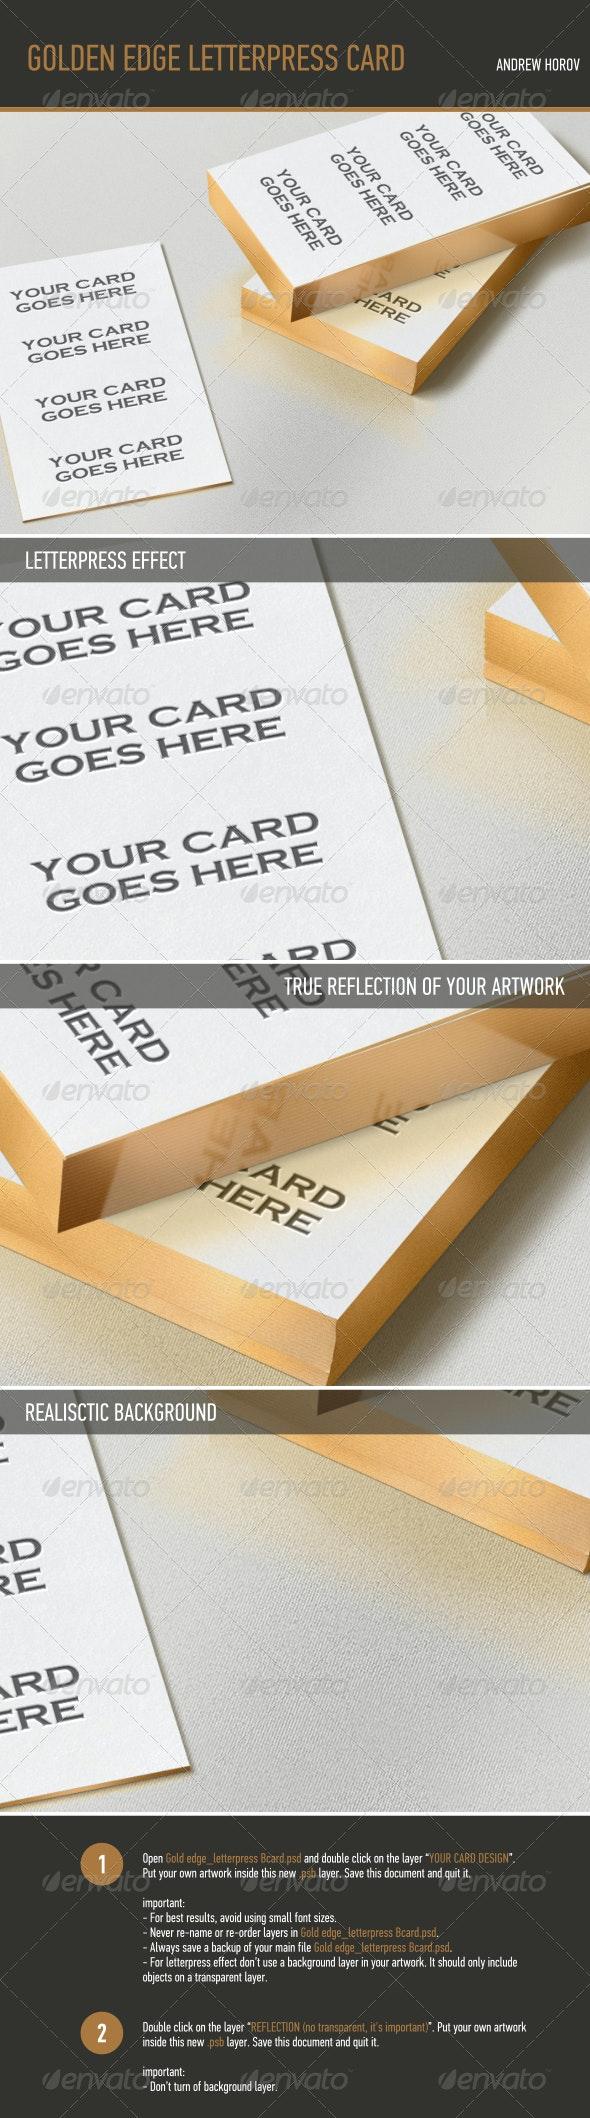 Gold Edge Letterpress Bcard Mock-up - Business Cards Print